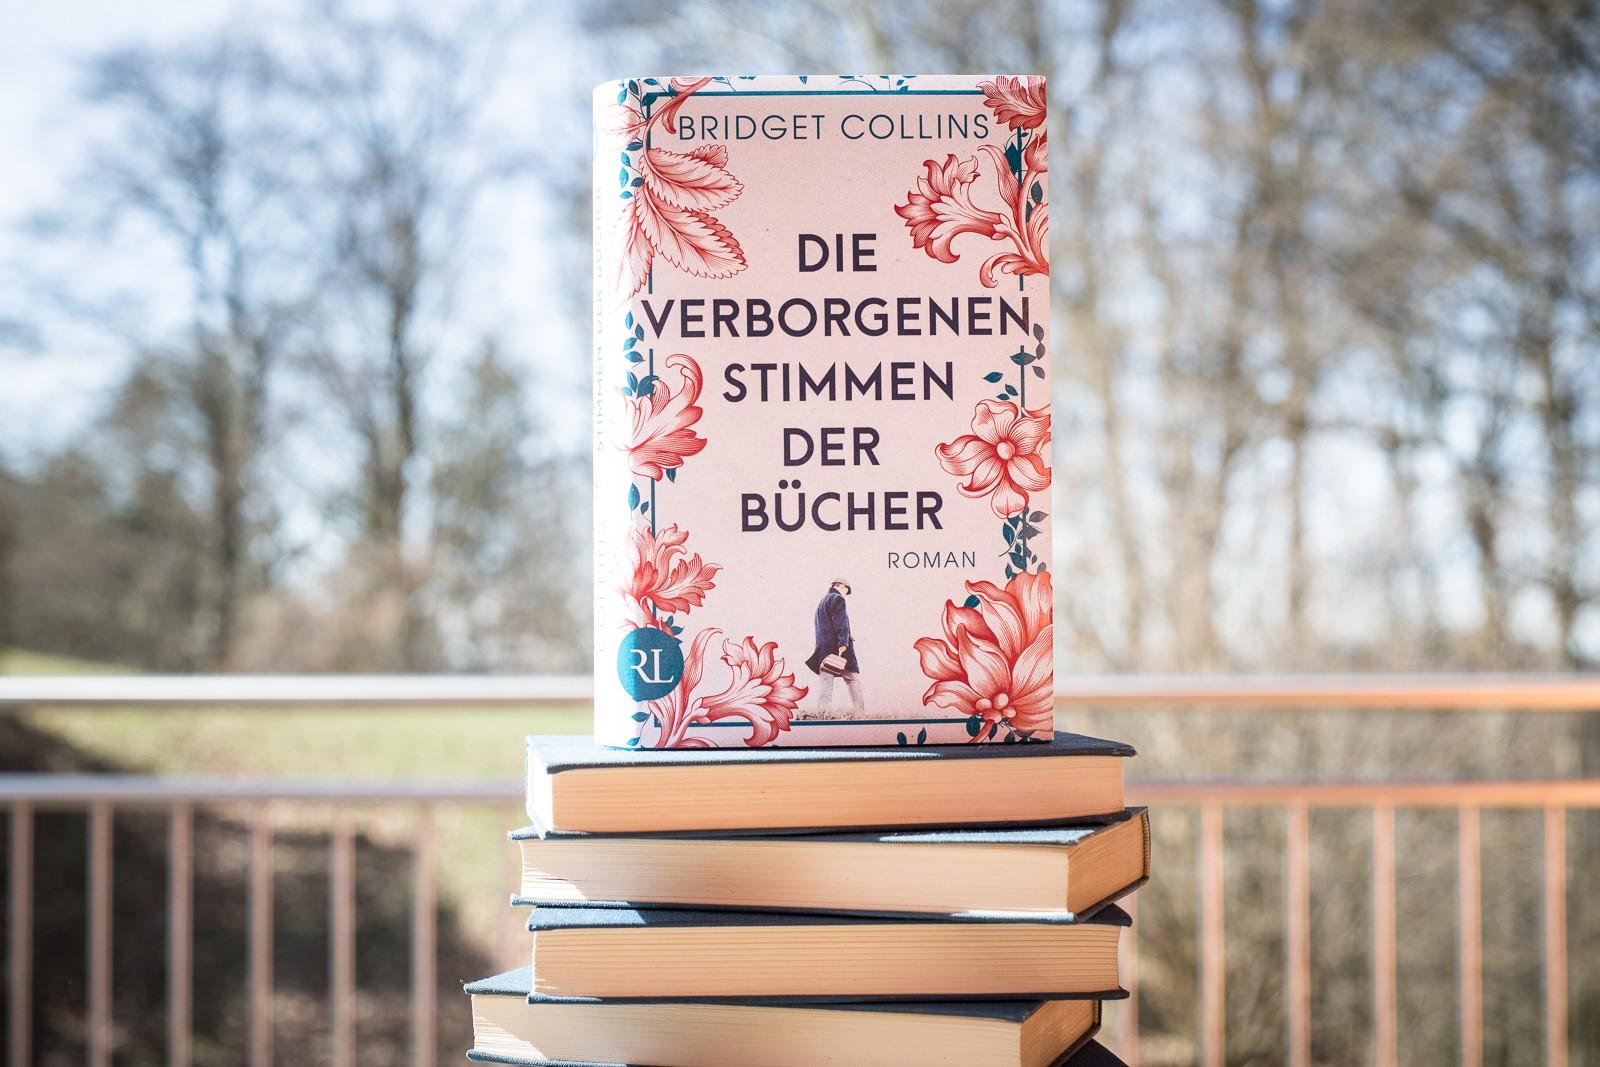 Die verborgenen Stimmen der Bücher - Bridget Collins